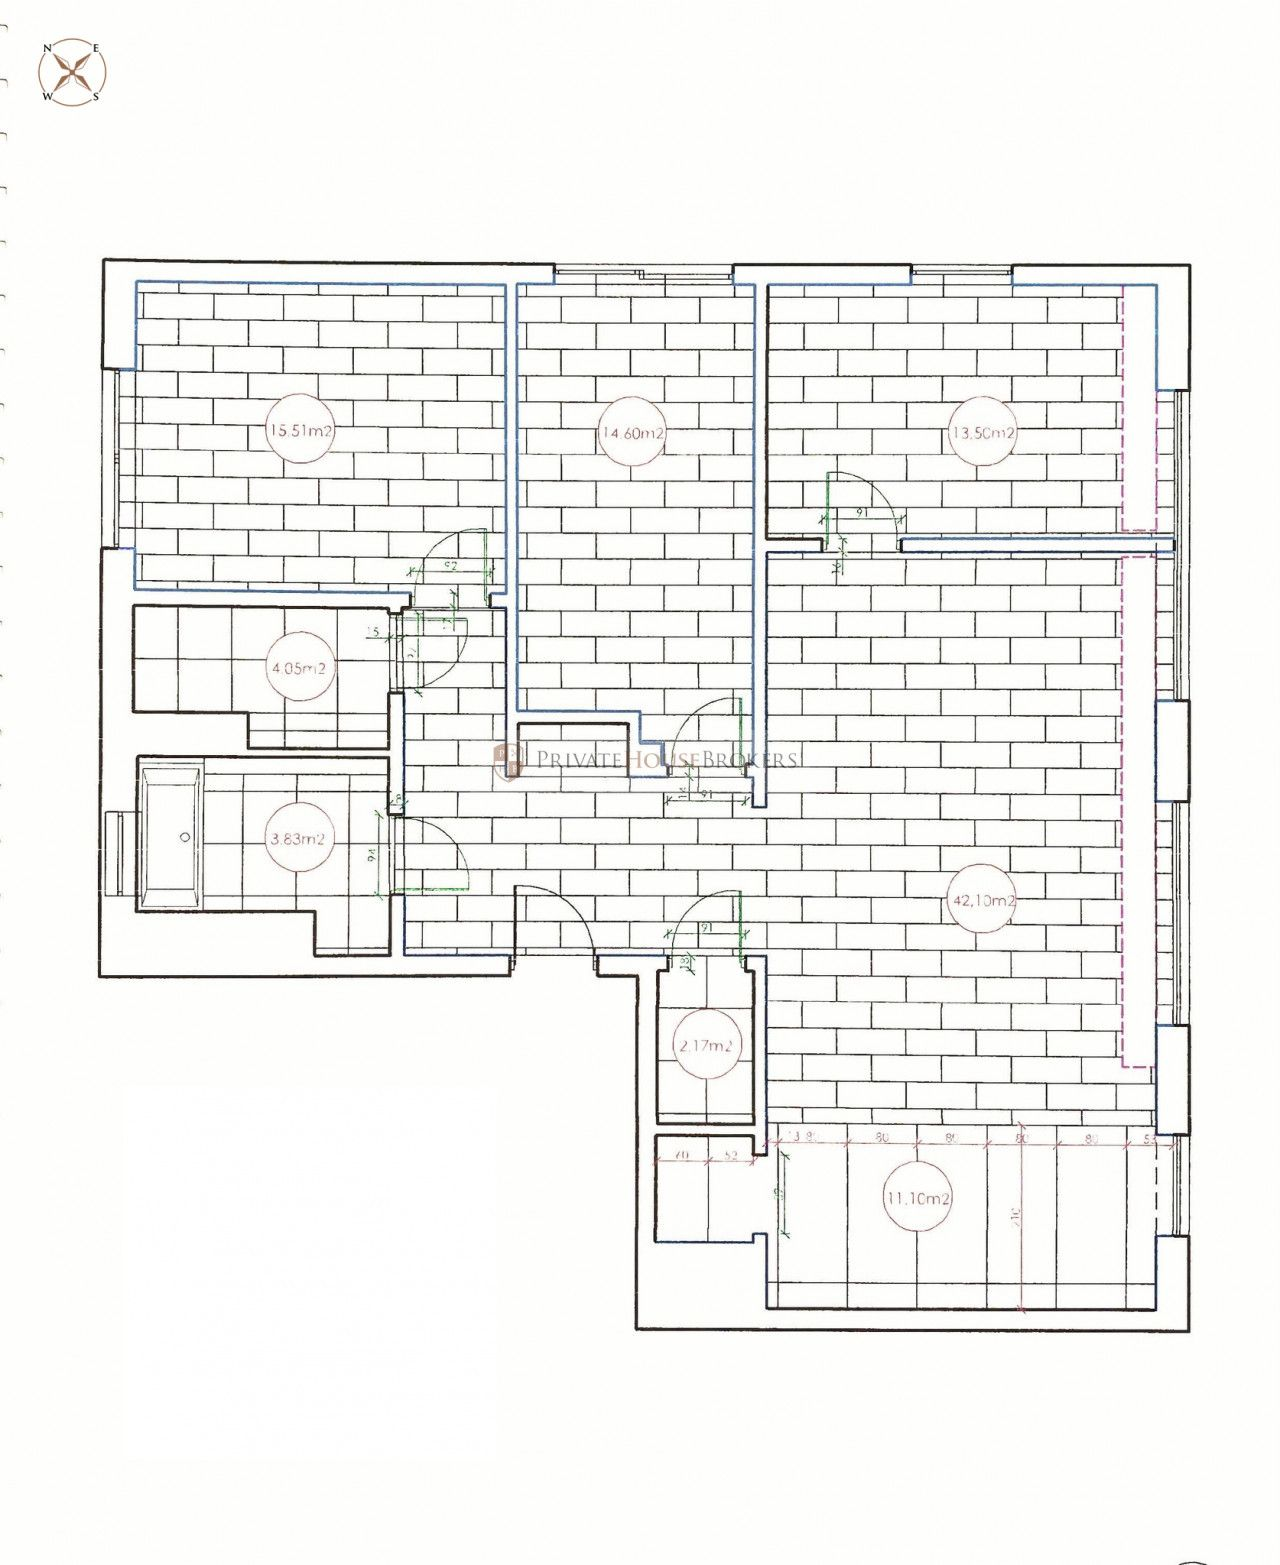 Mieszkanie na sprzedaż Kraków, Podgórze / Dębniki ul. Czarodziejska APARTAMENT W NAJLEPSZEJ LOKALIZACJI W KRAKOWIE floorplan